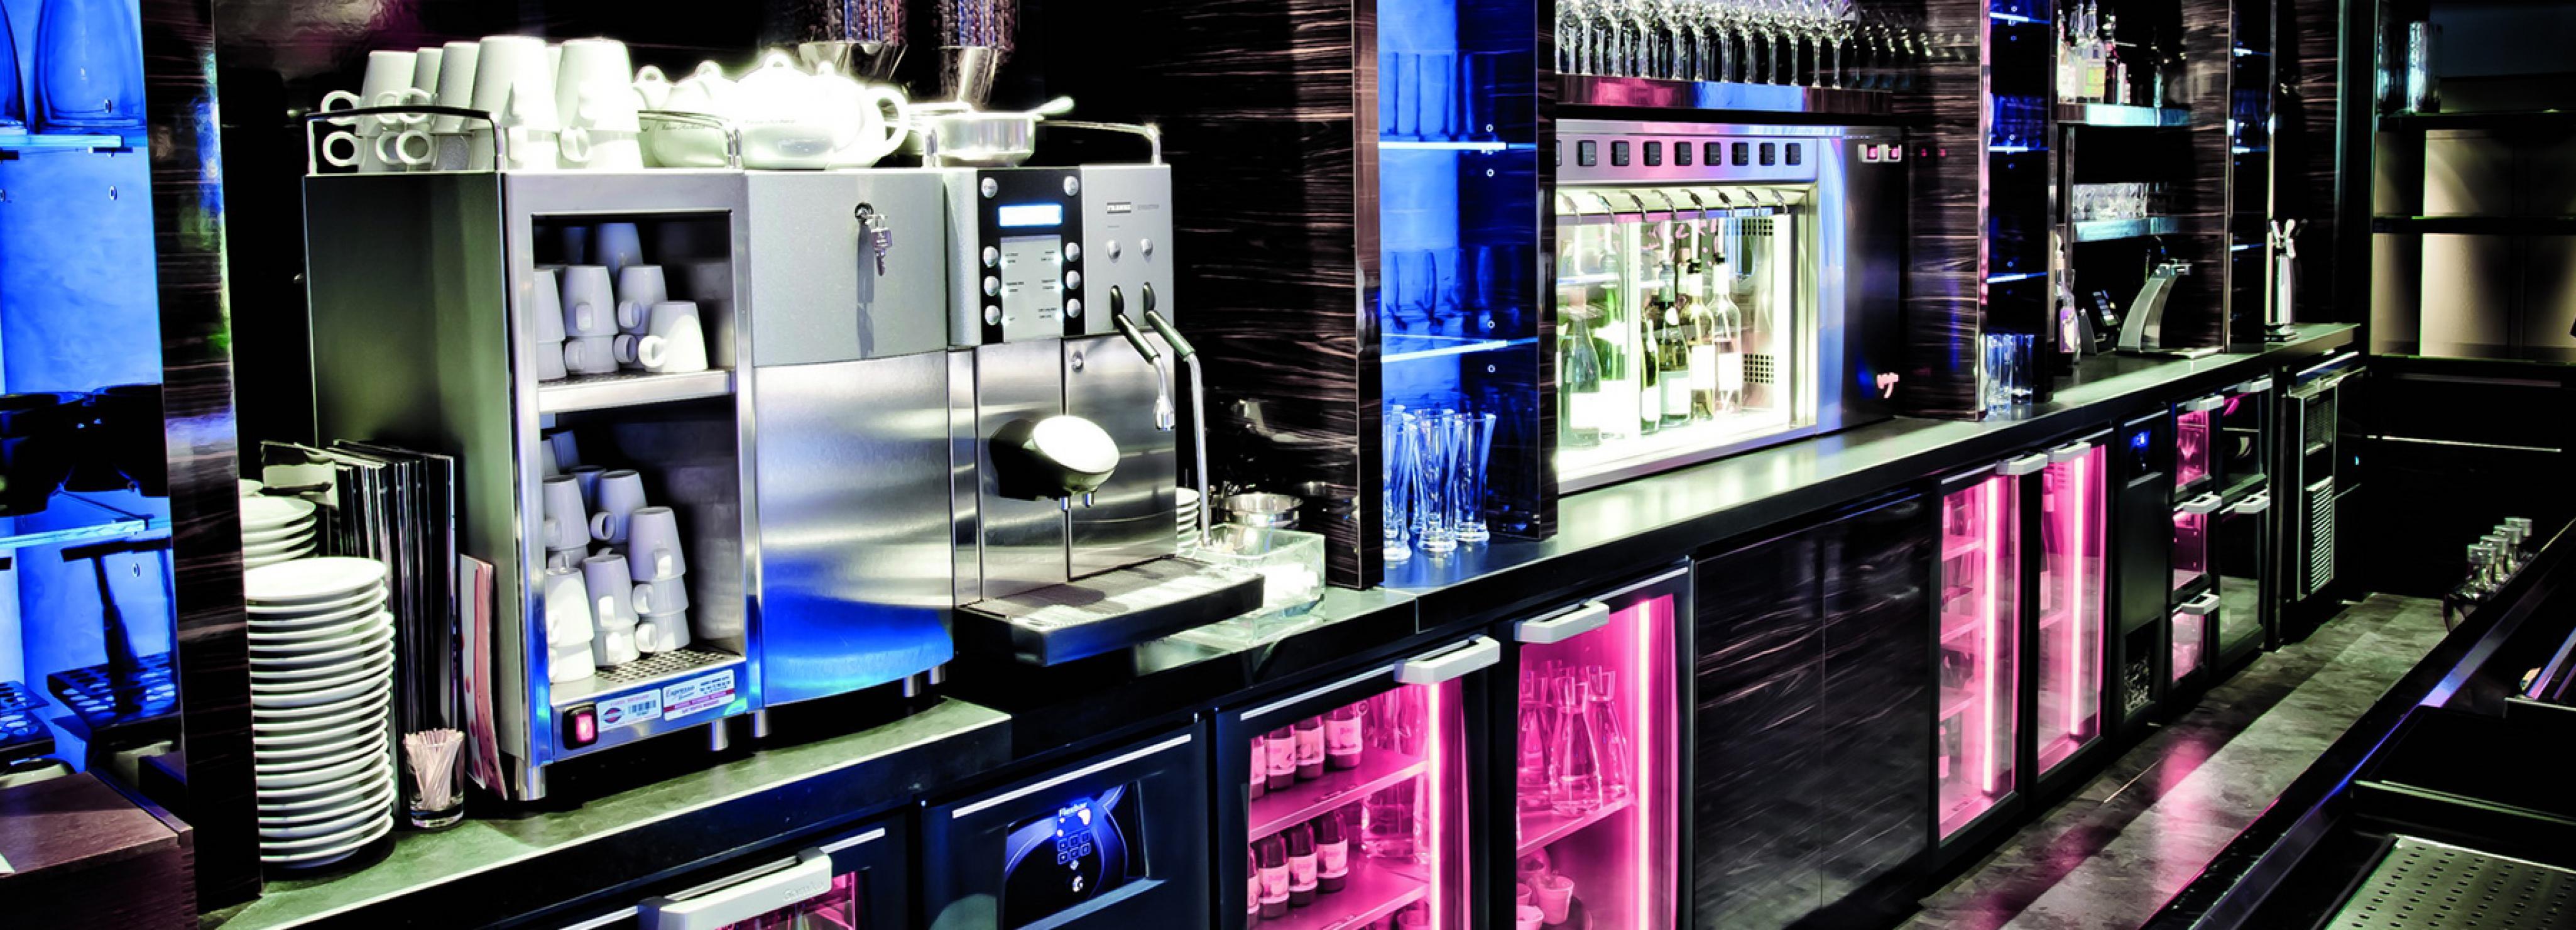 Amenagement De Bar Professionnel smb lyon - brasserie, froid, raccord et agencement - rhône alpes